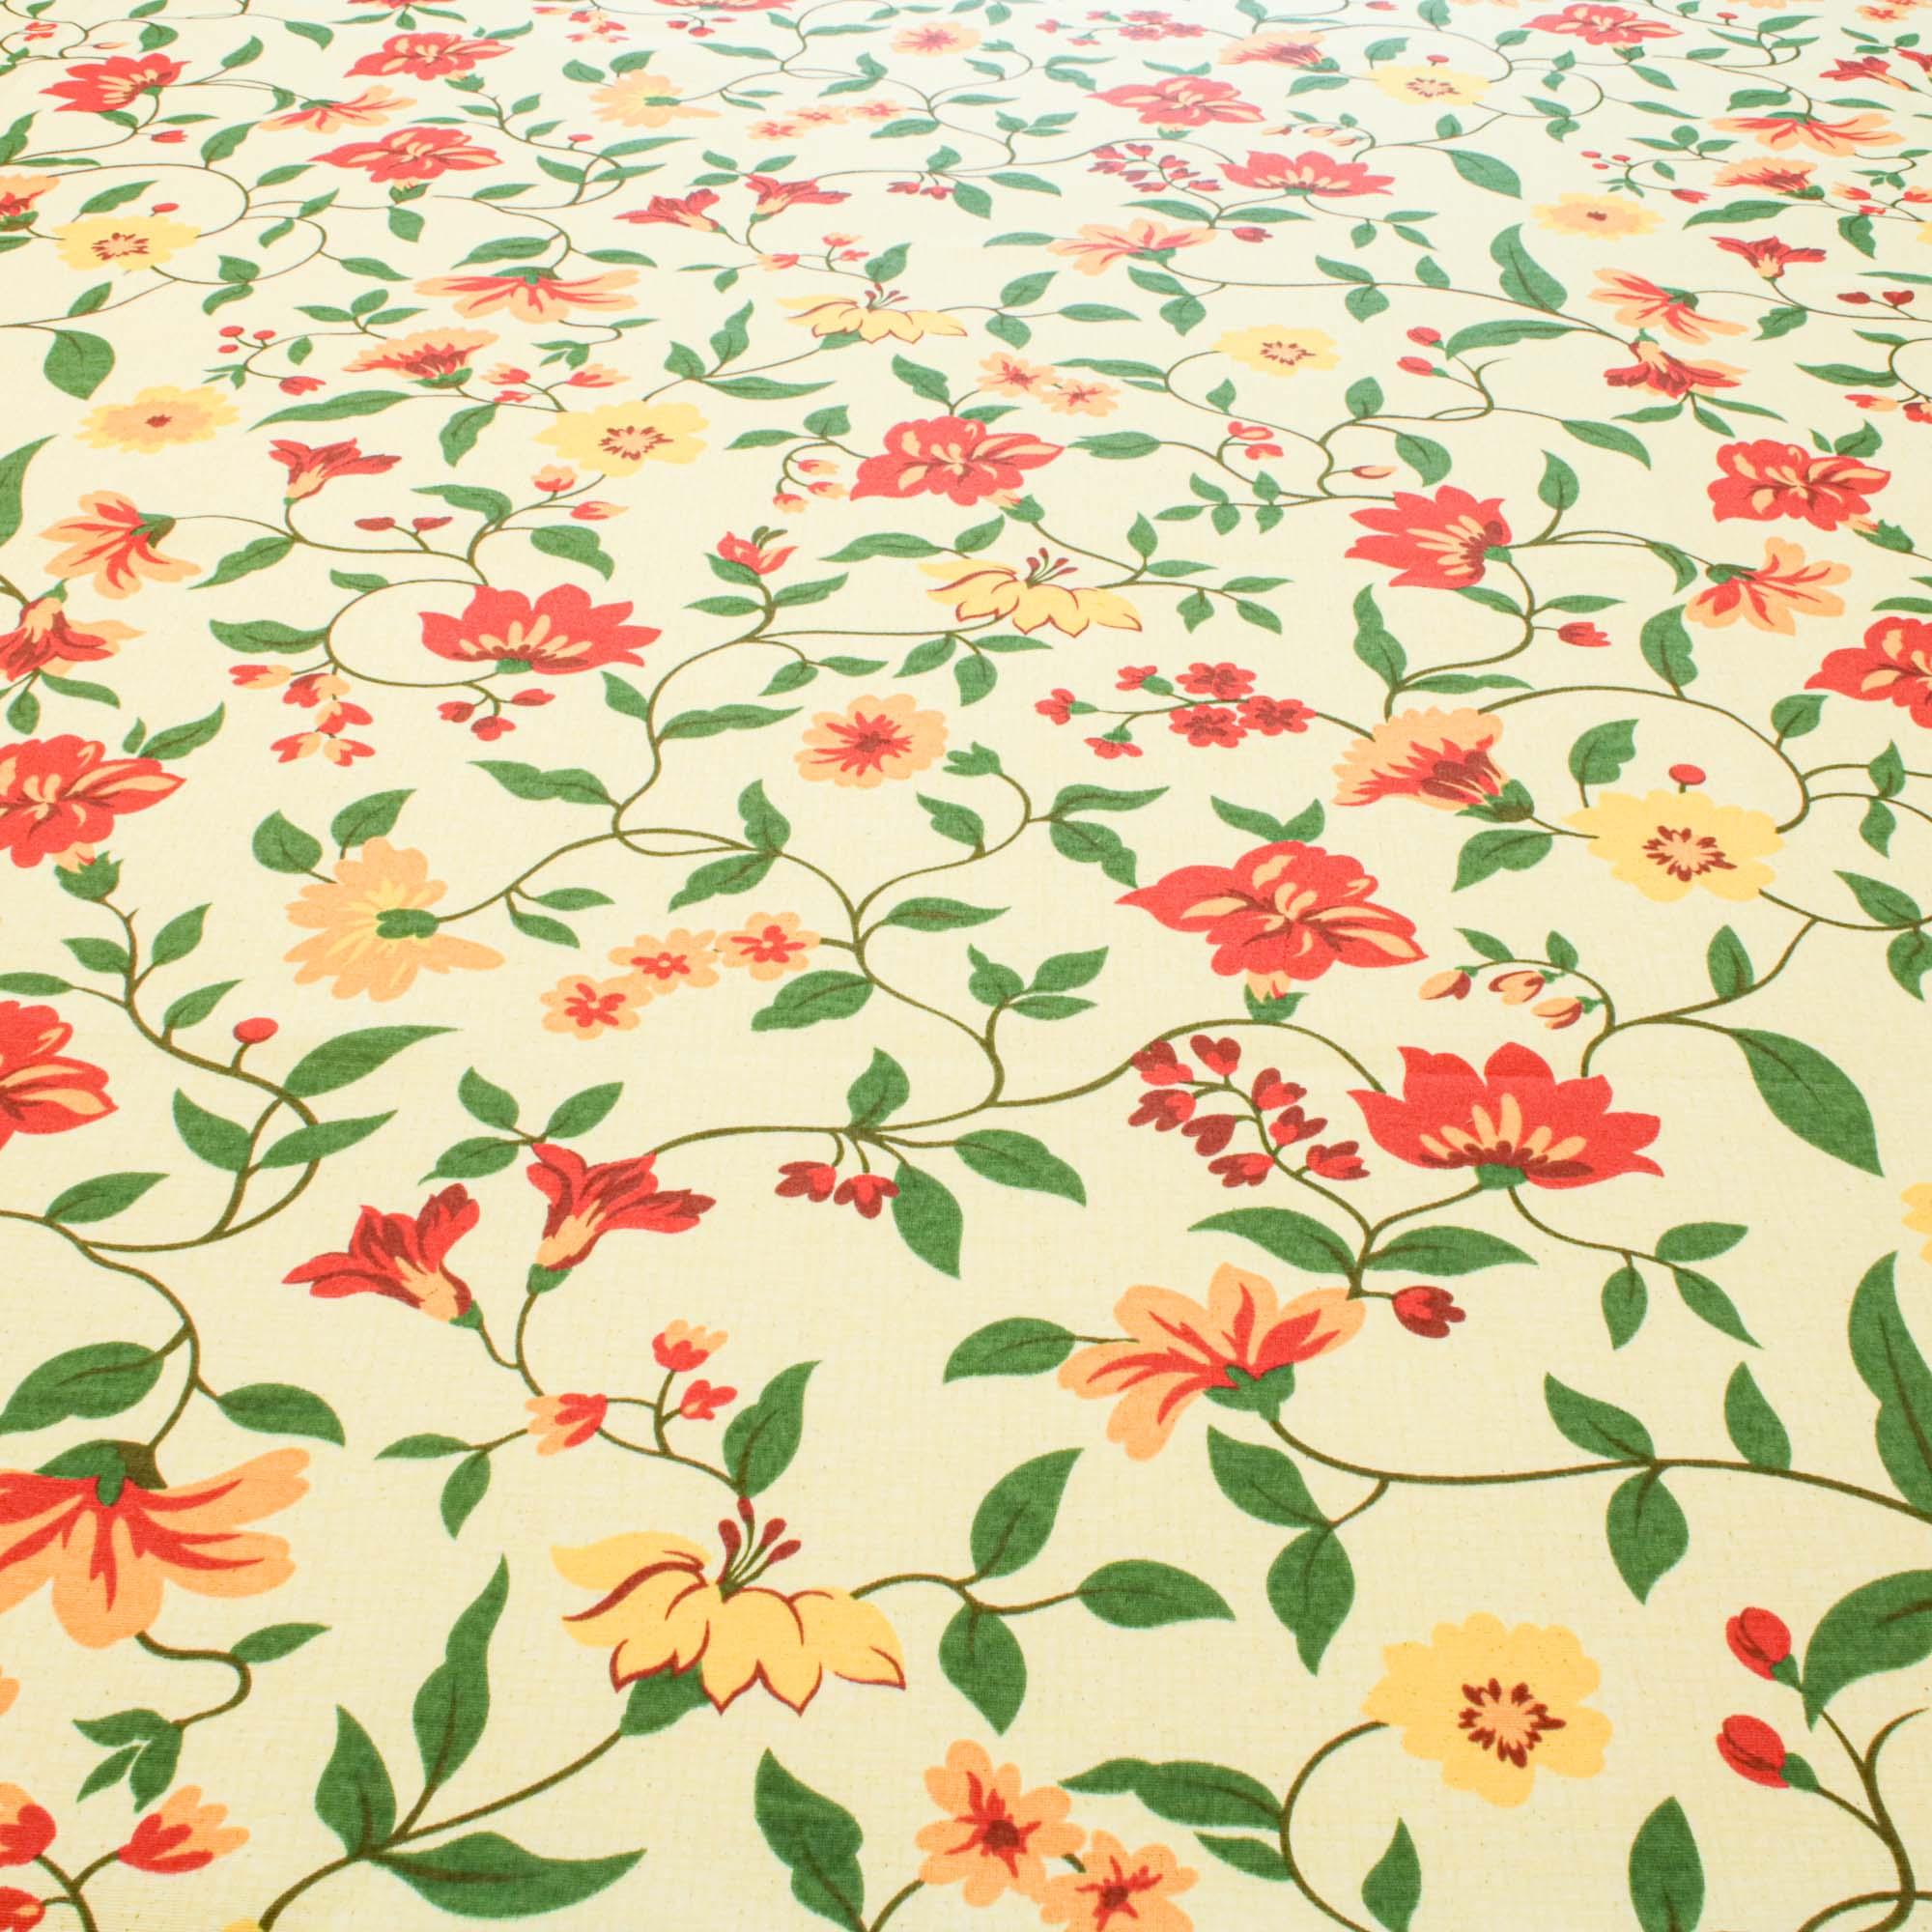 Tecido Para Decoração Estampado Flores 1,42m Largura Amarelo/Vermelho